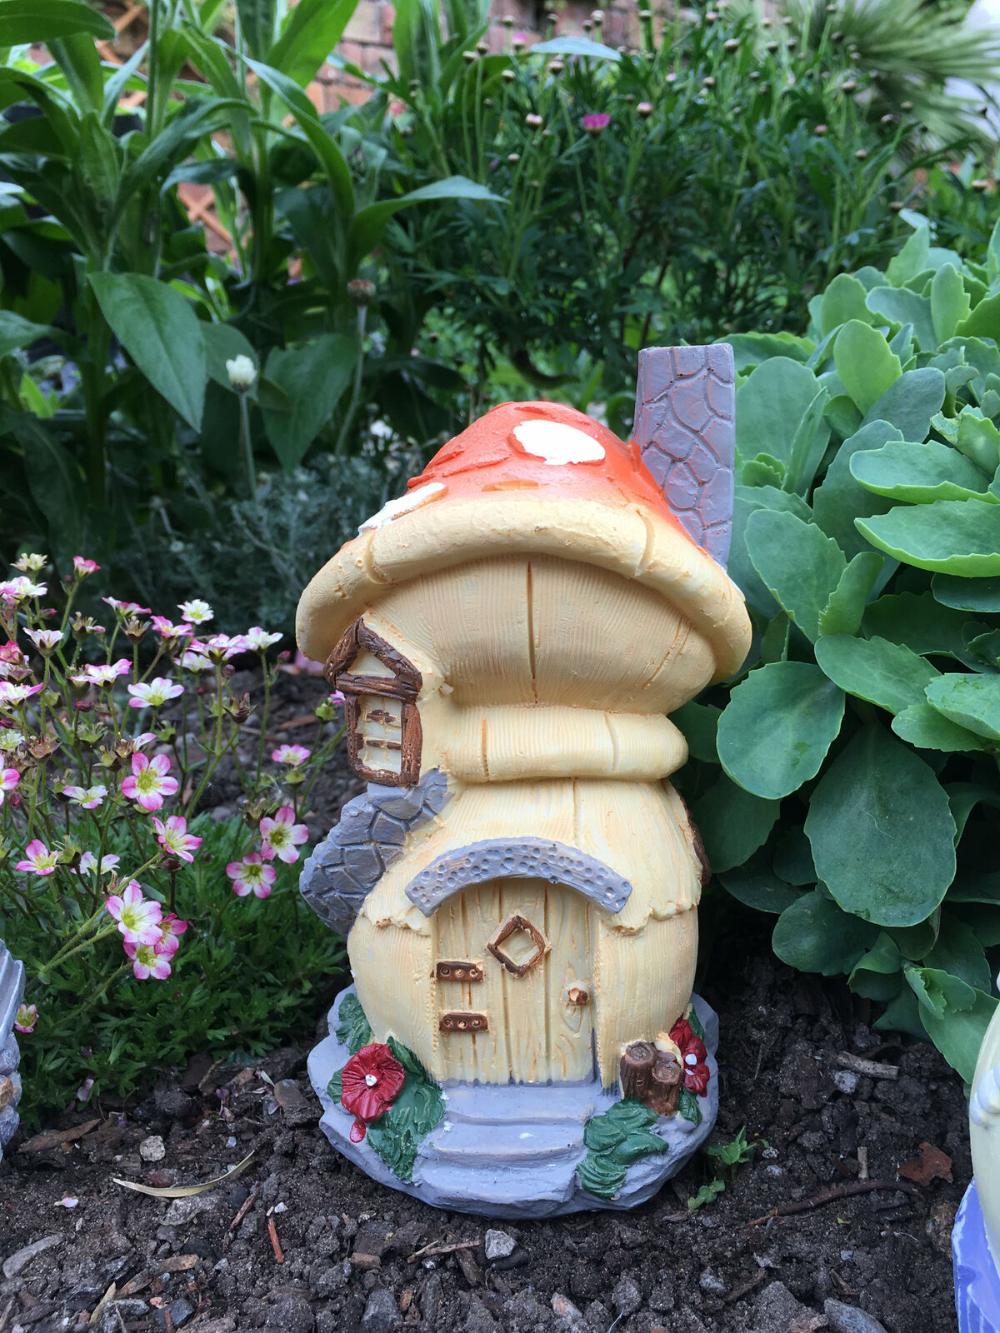 17cm Ornamental Fairy House Cottages Perfect For A Miniature Garden Village Ebay 17cm Cottages Ebay Fairy In 2020 Miniature Garden Fairy House Gnome Garden